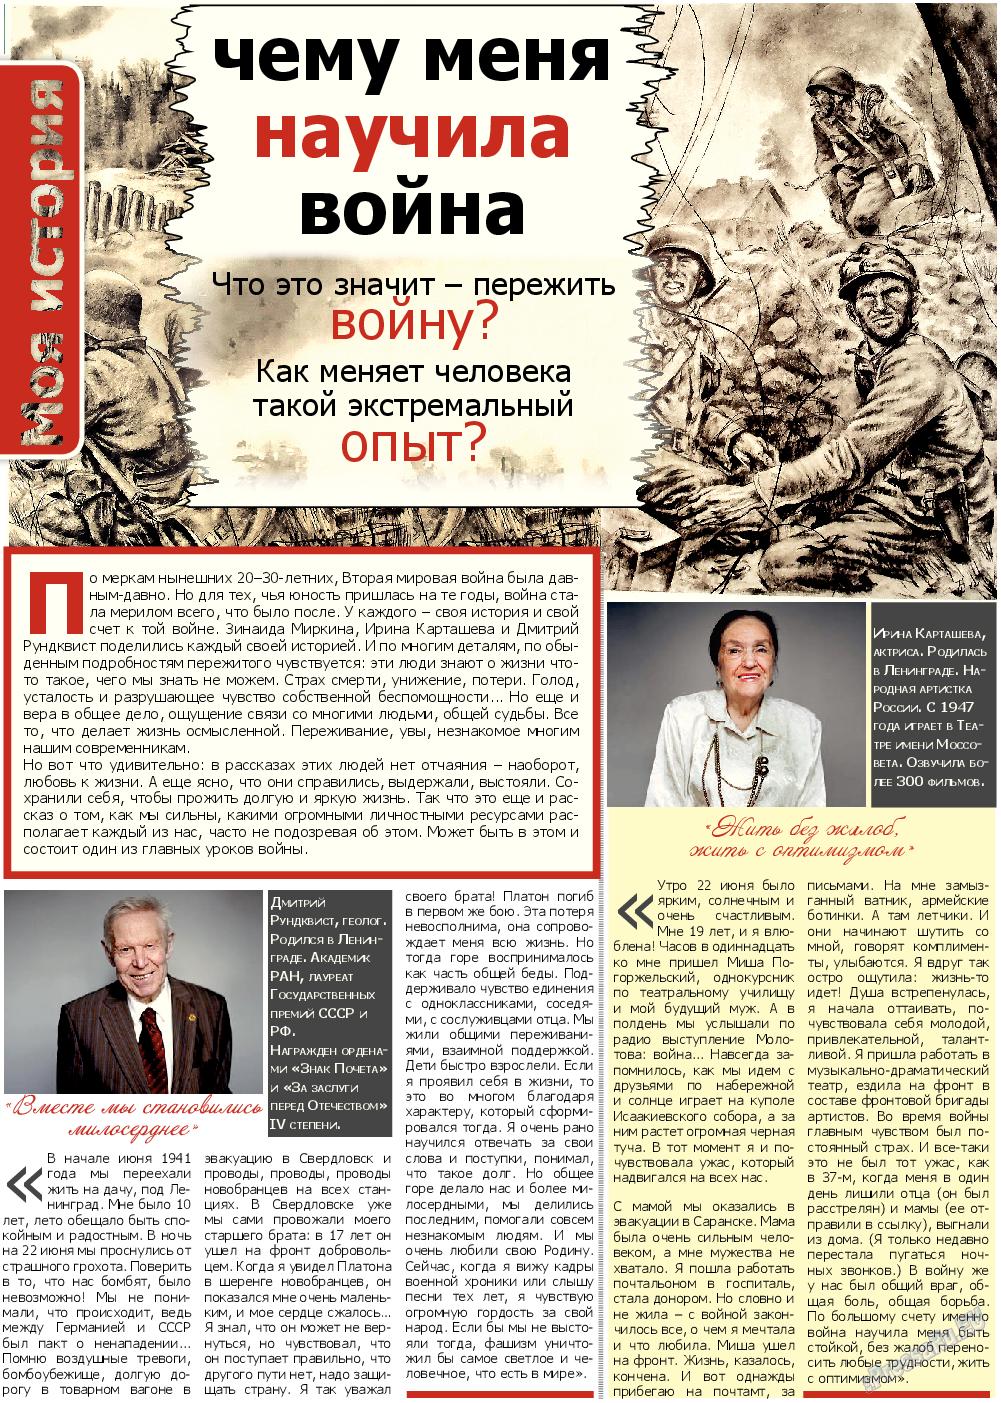 Все pro все (газета). 2014 год, номер 35, стр. 12